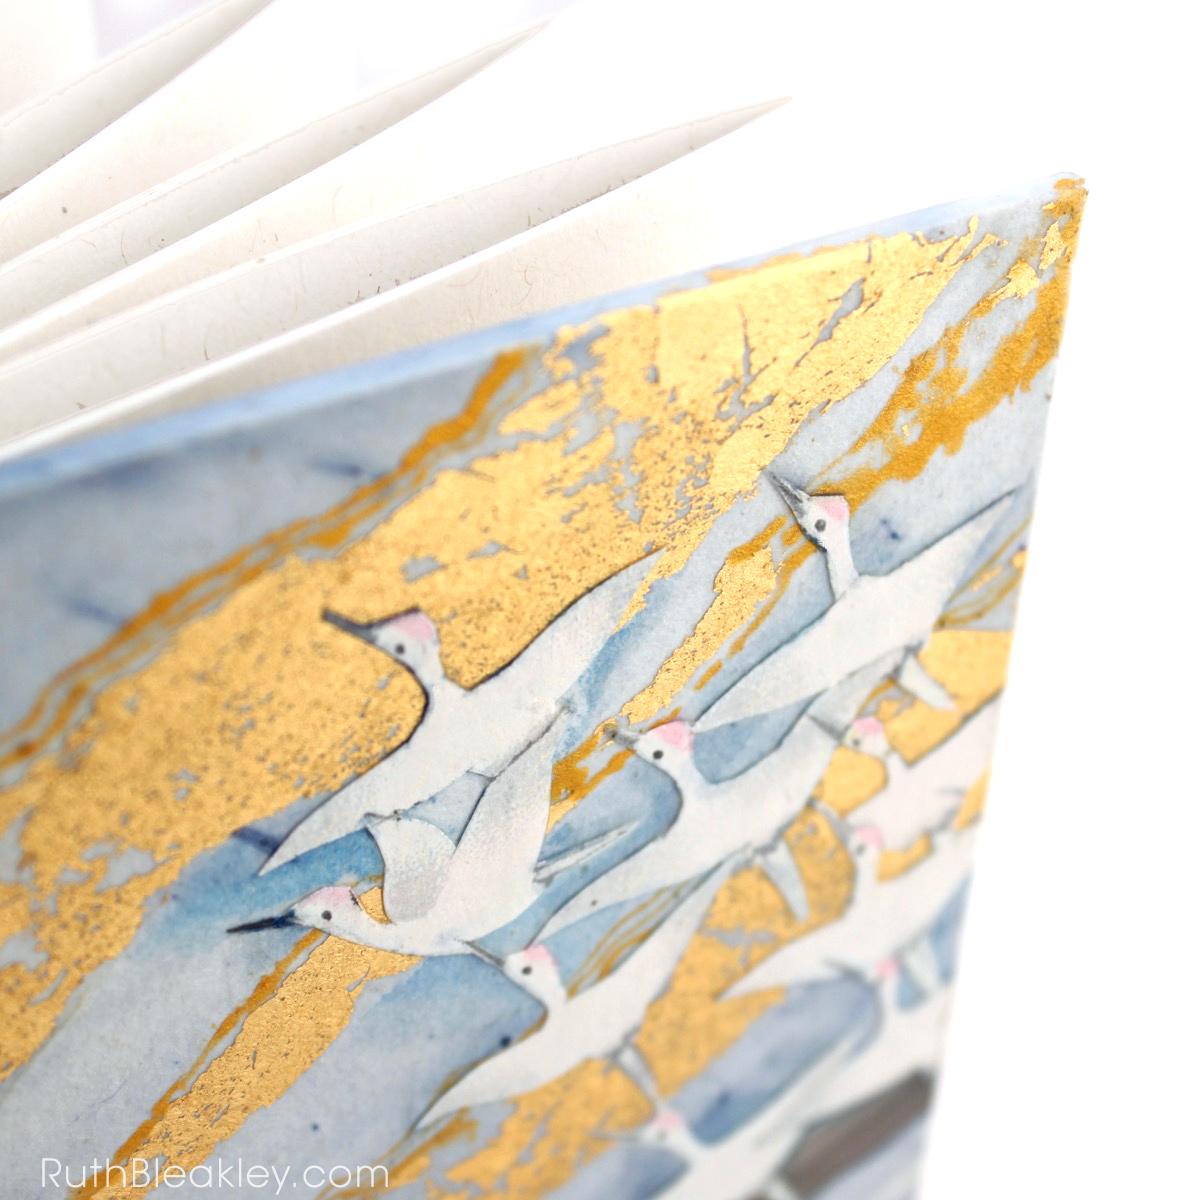 Golden Cranes Journal handmade by book artist Ruth Bleakley - 4